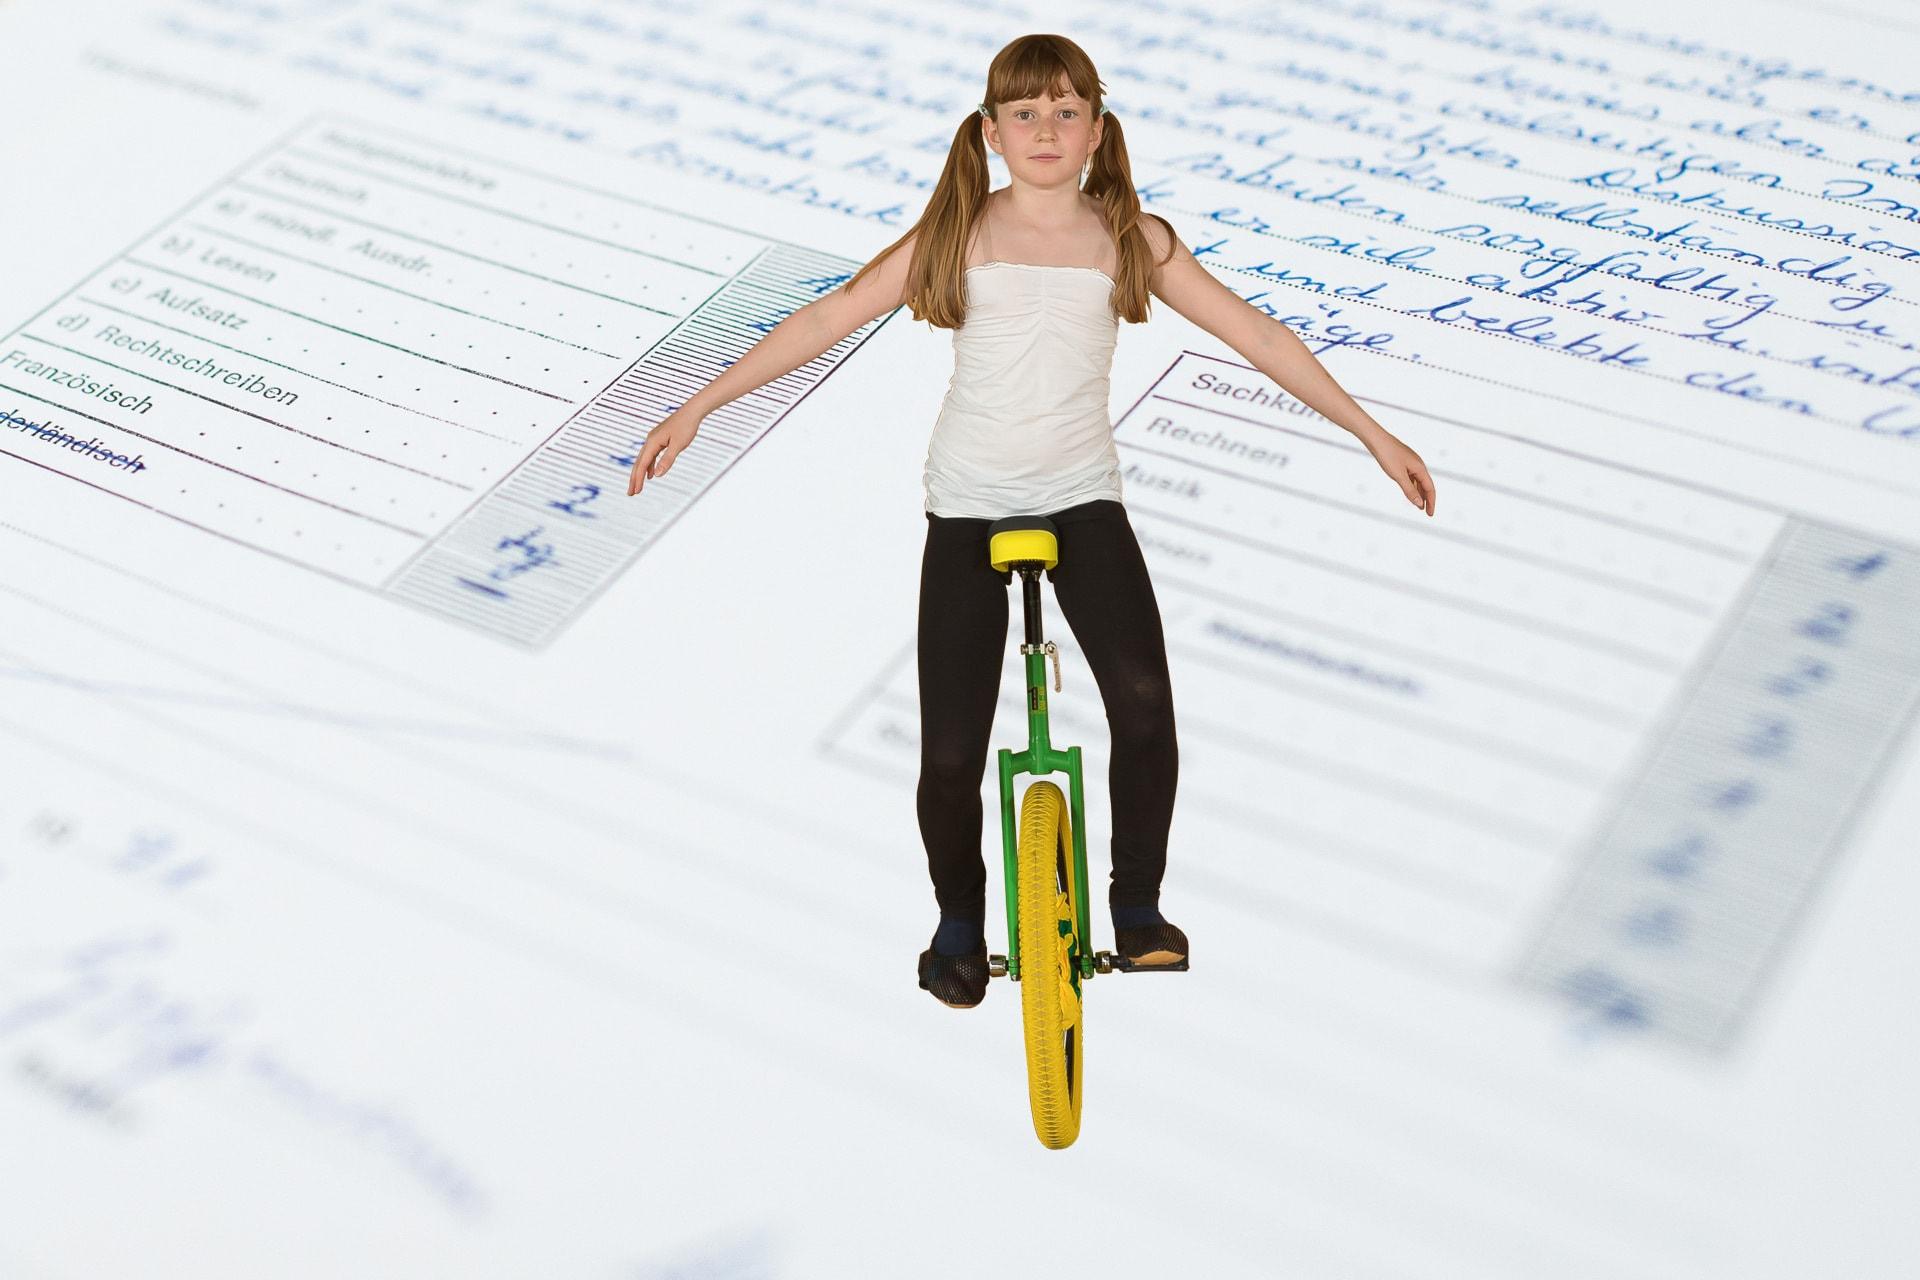 Balance & Learning success